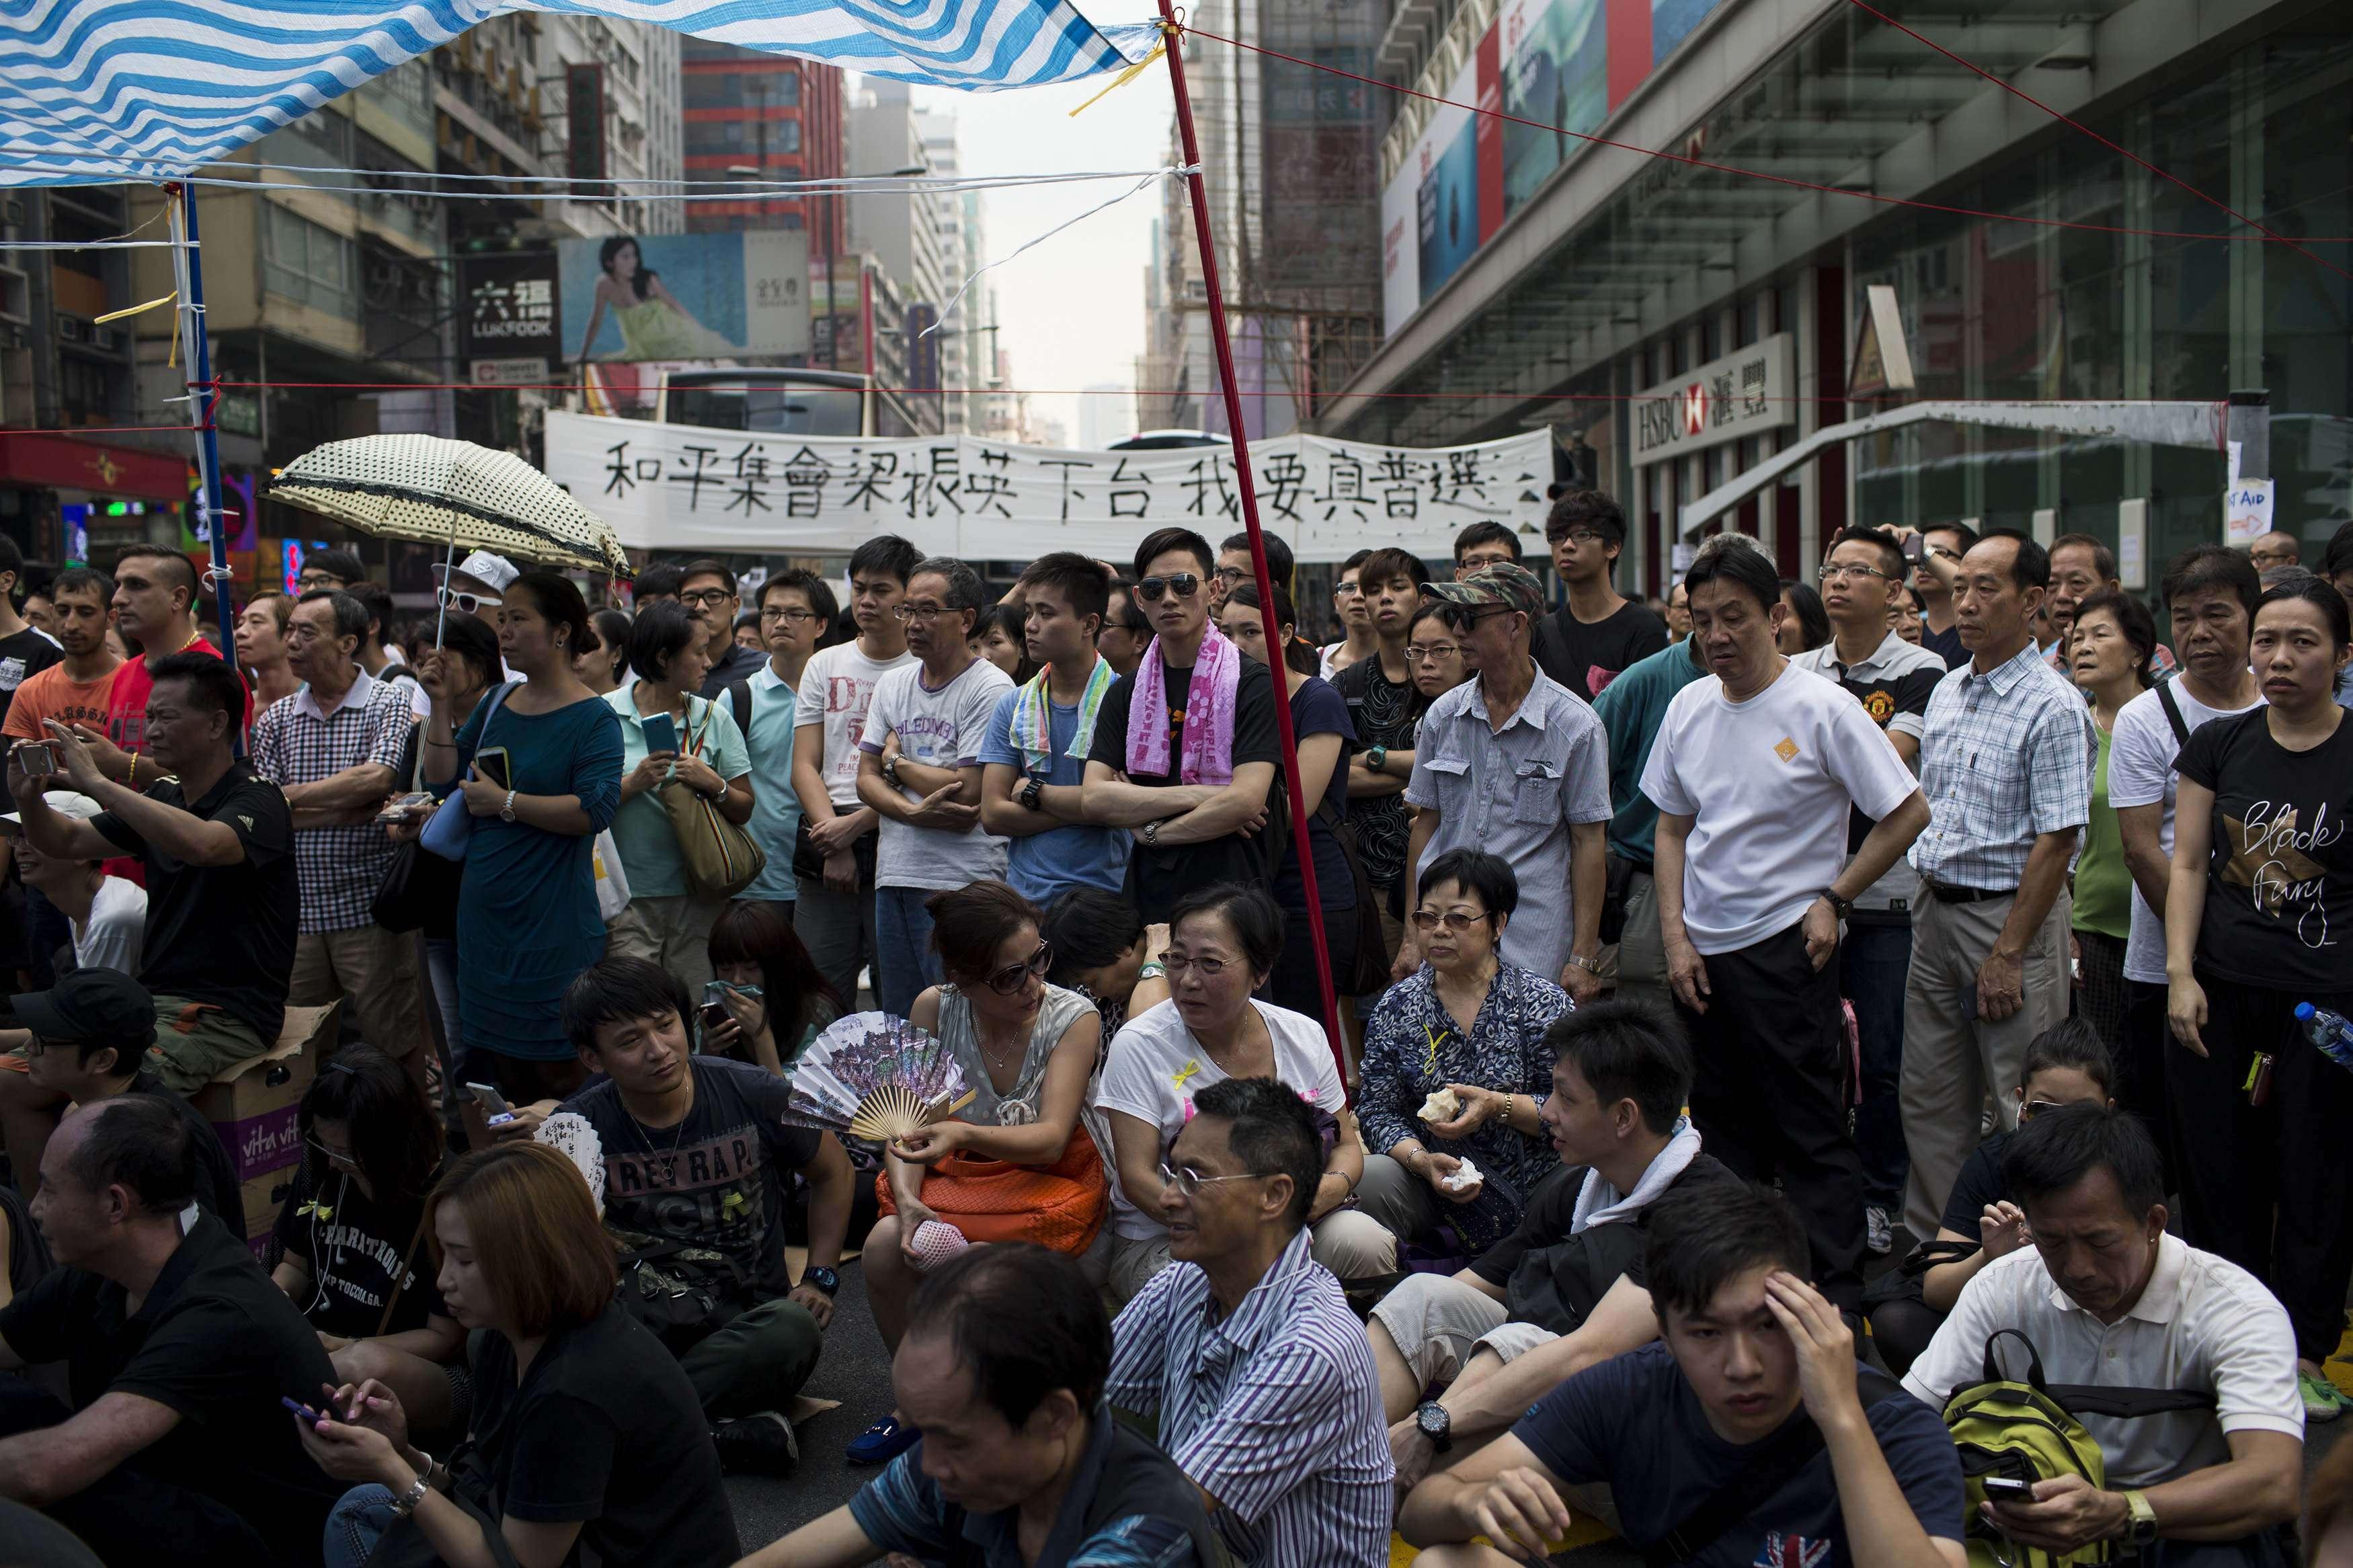 Manifestantes se reúnem em ruas de Hong Kong contra governo atual e pedem eleições Foto: Tyrone Siu/Reuters